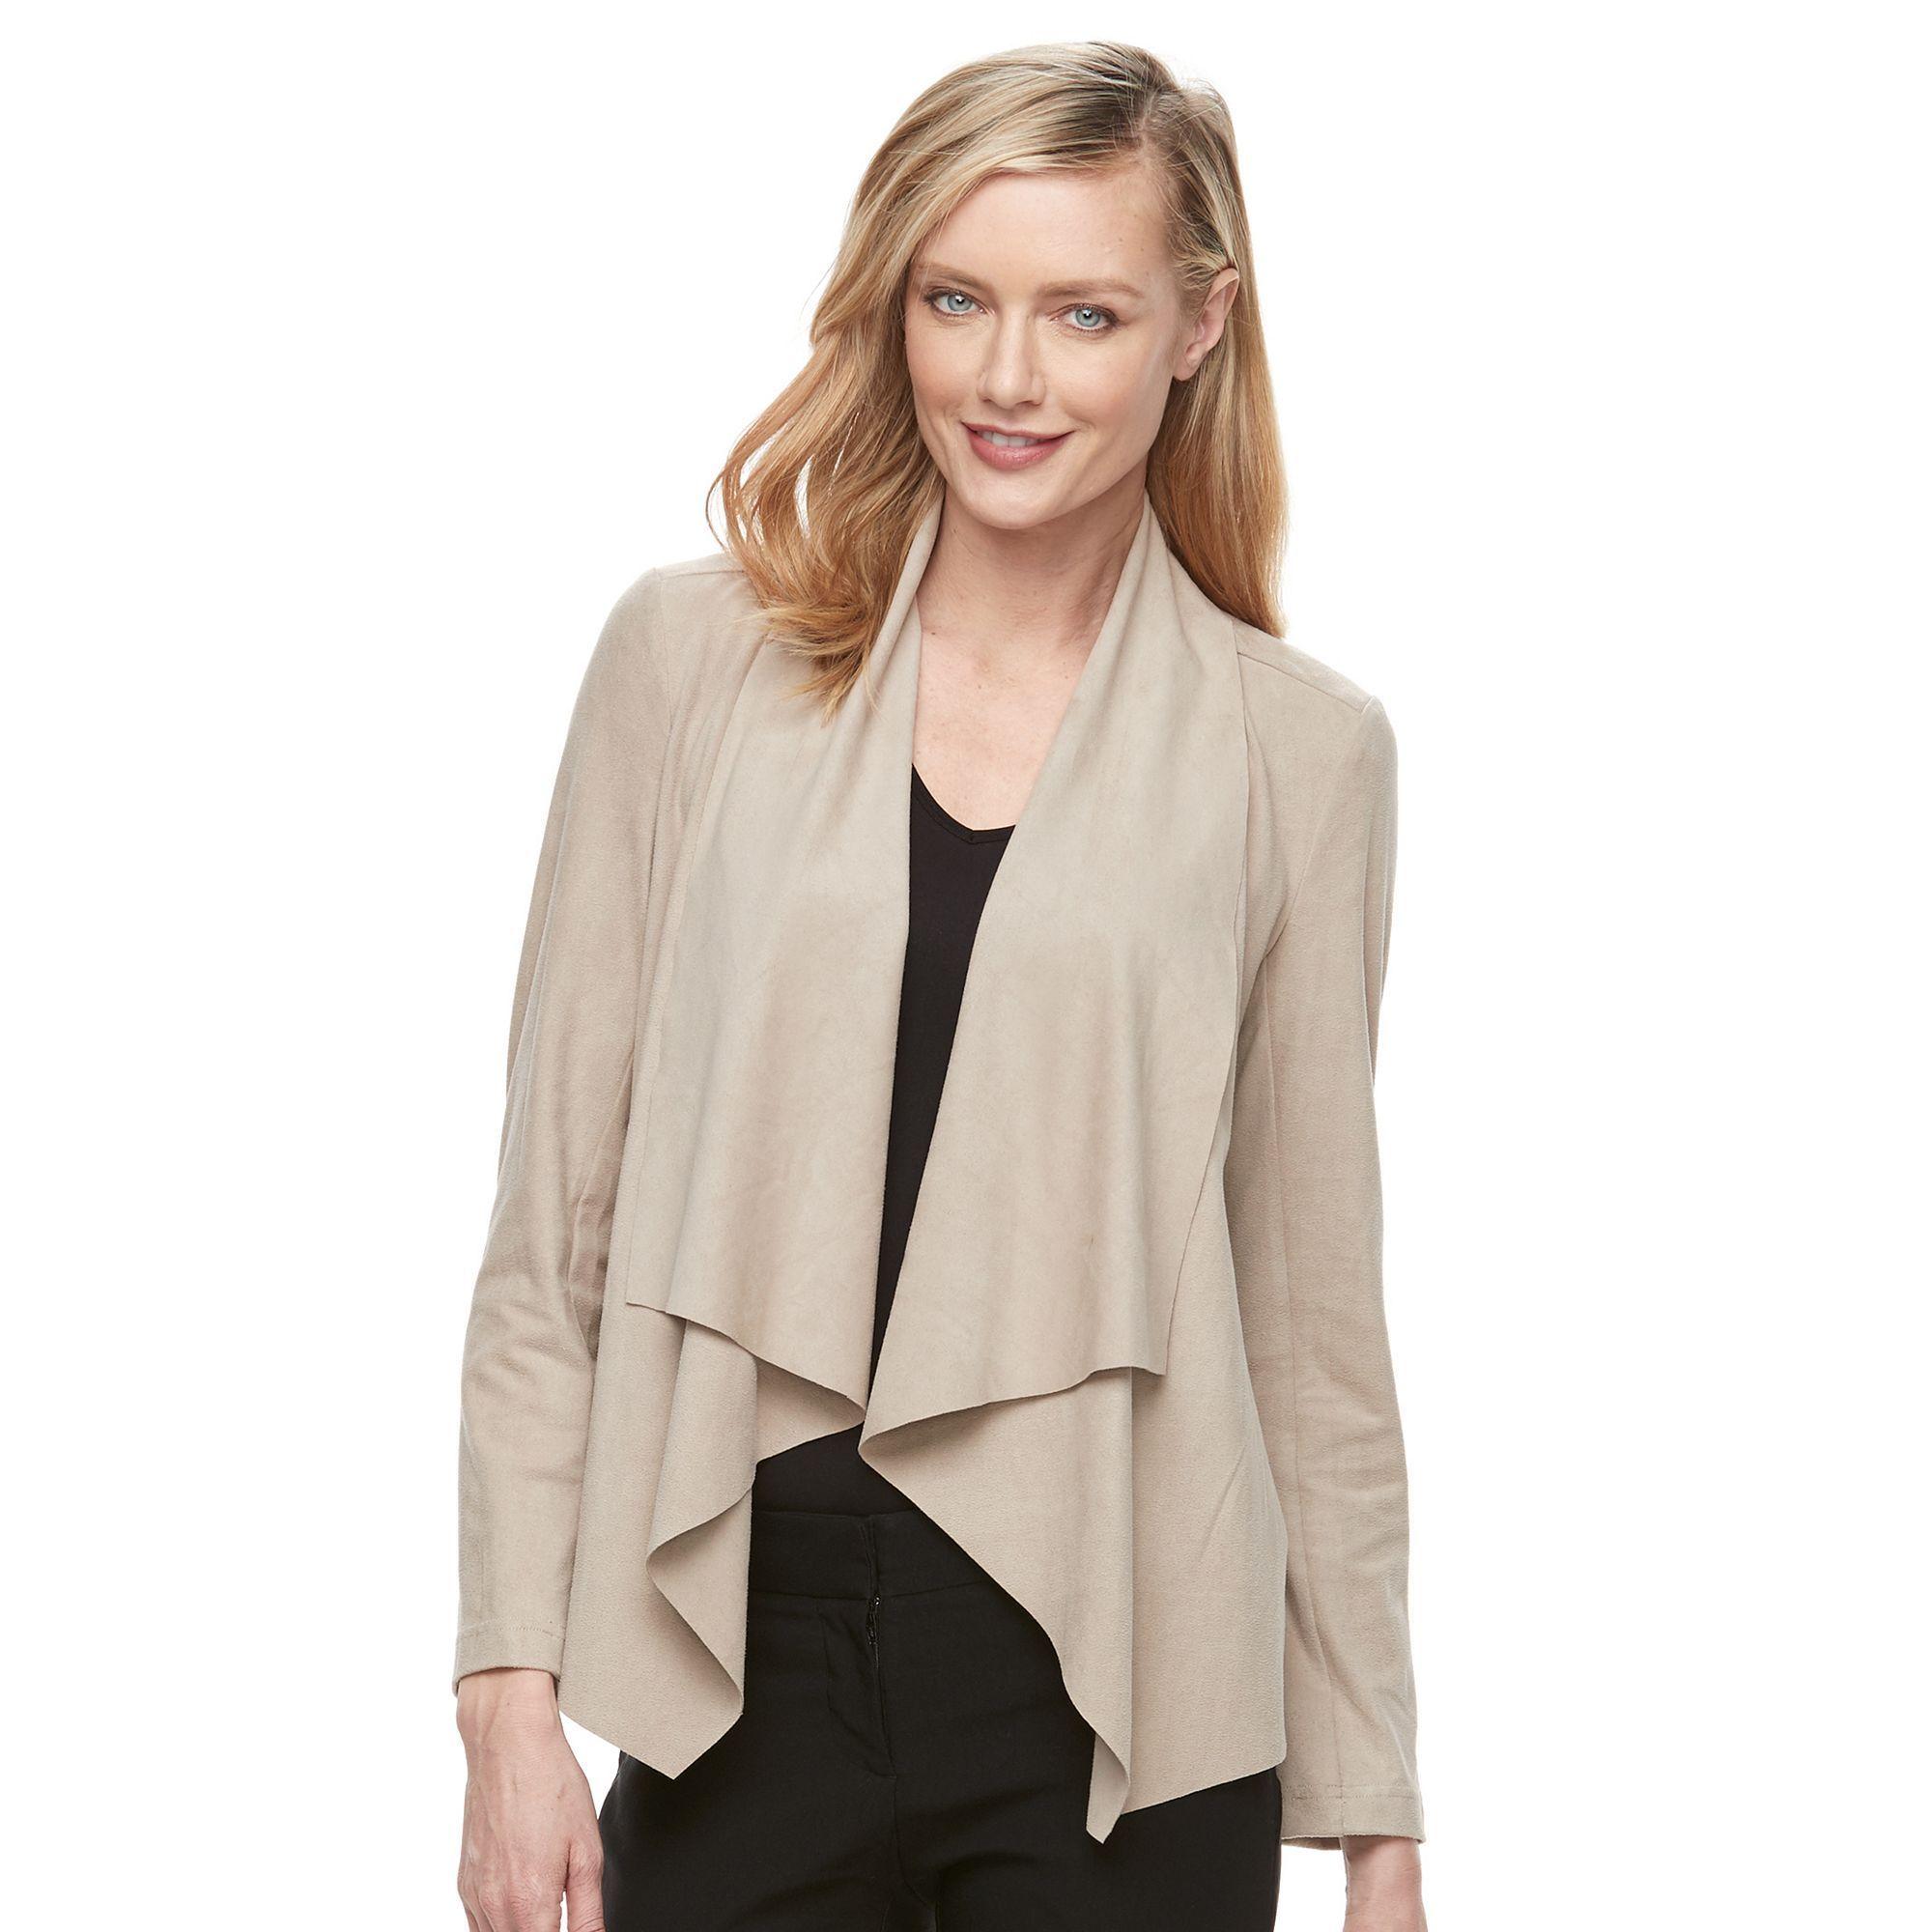 Women's Dana Buchman Faux-Suede Jacket, Size: Medium, Med Beige